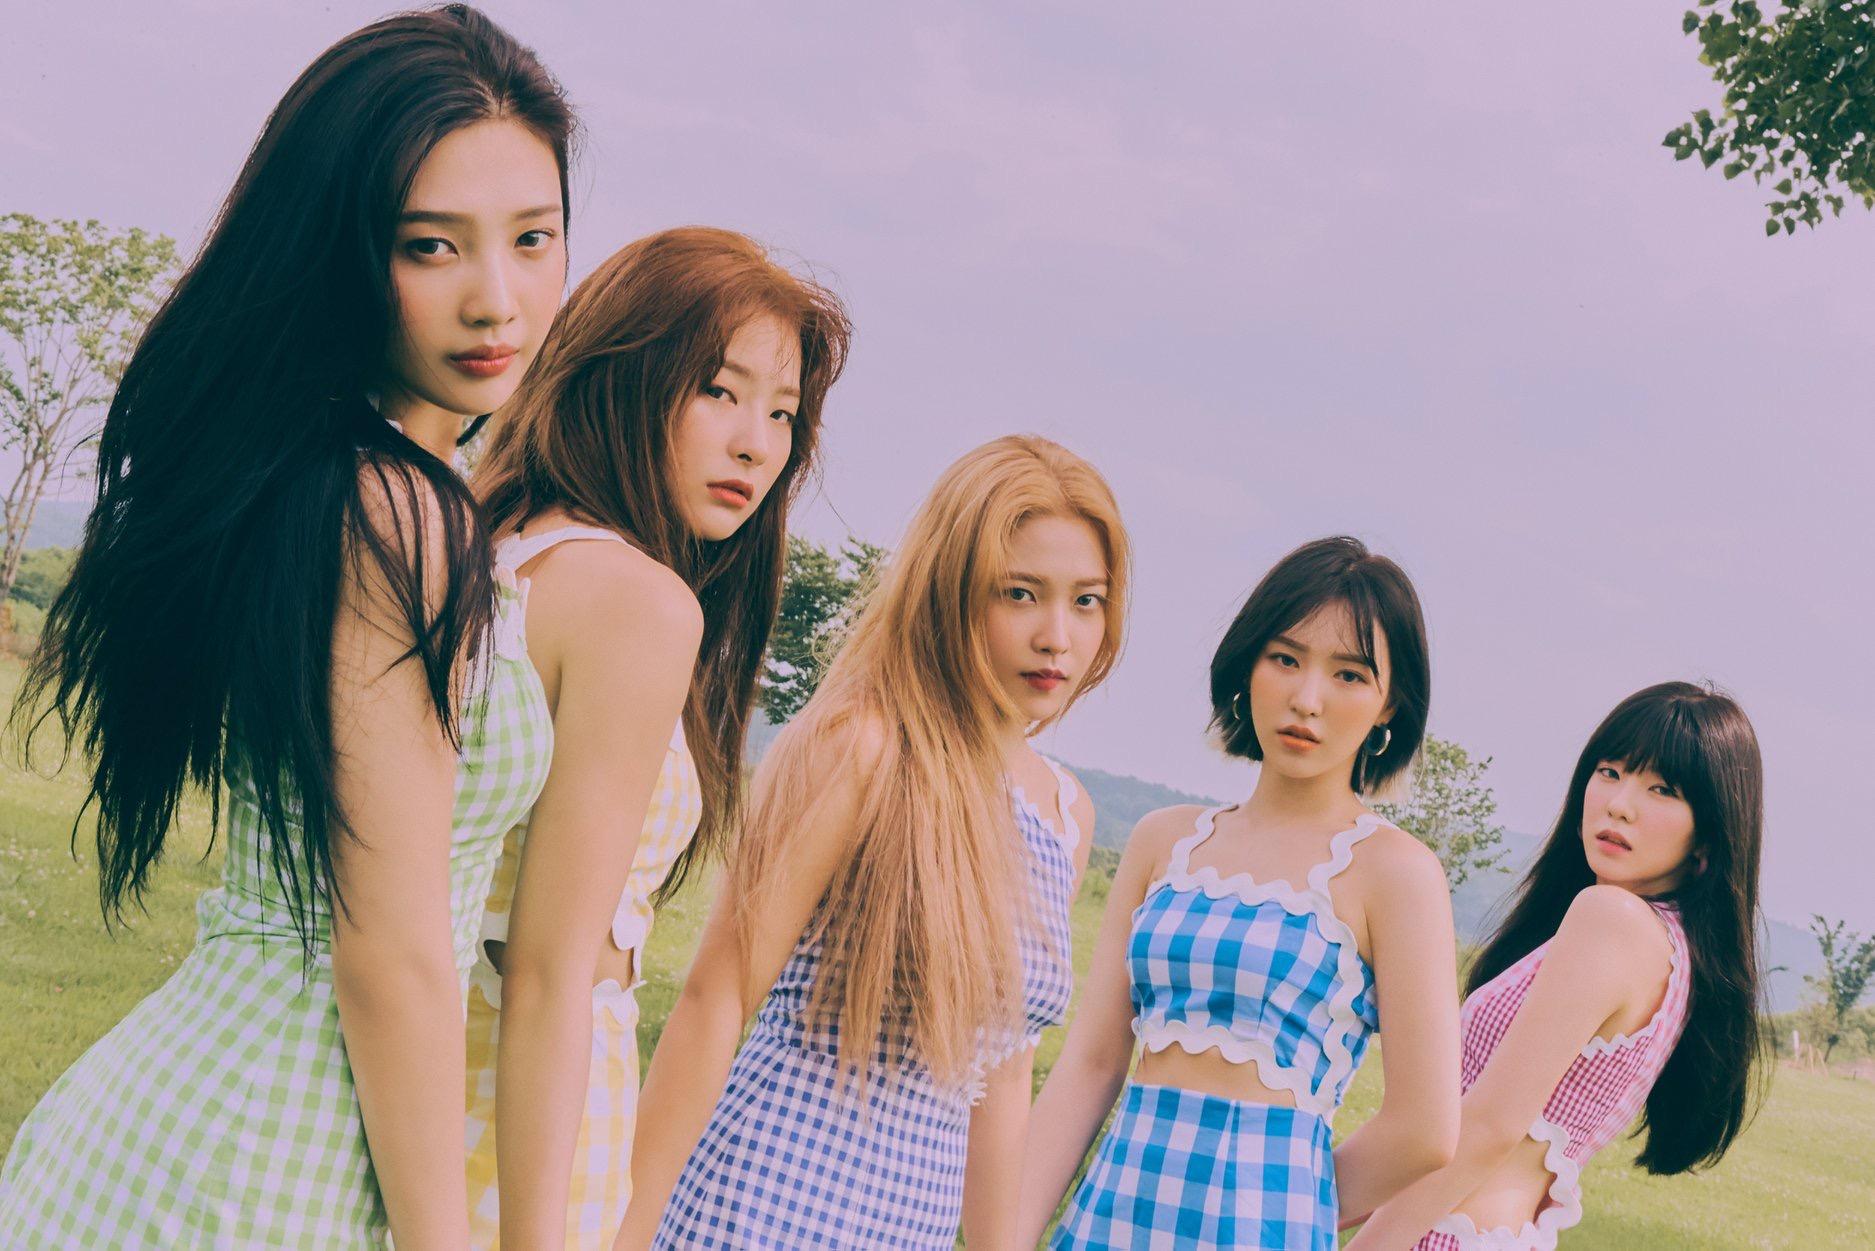 K-Pop Girl Group Red Velvet Releases New Retro-Inspired Album